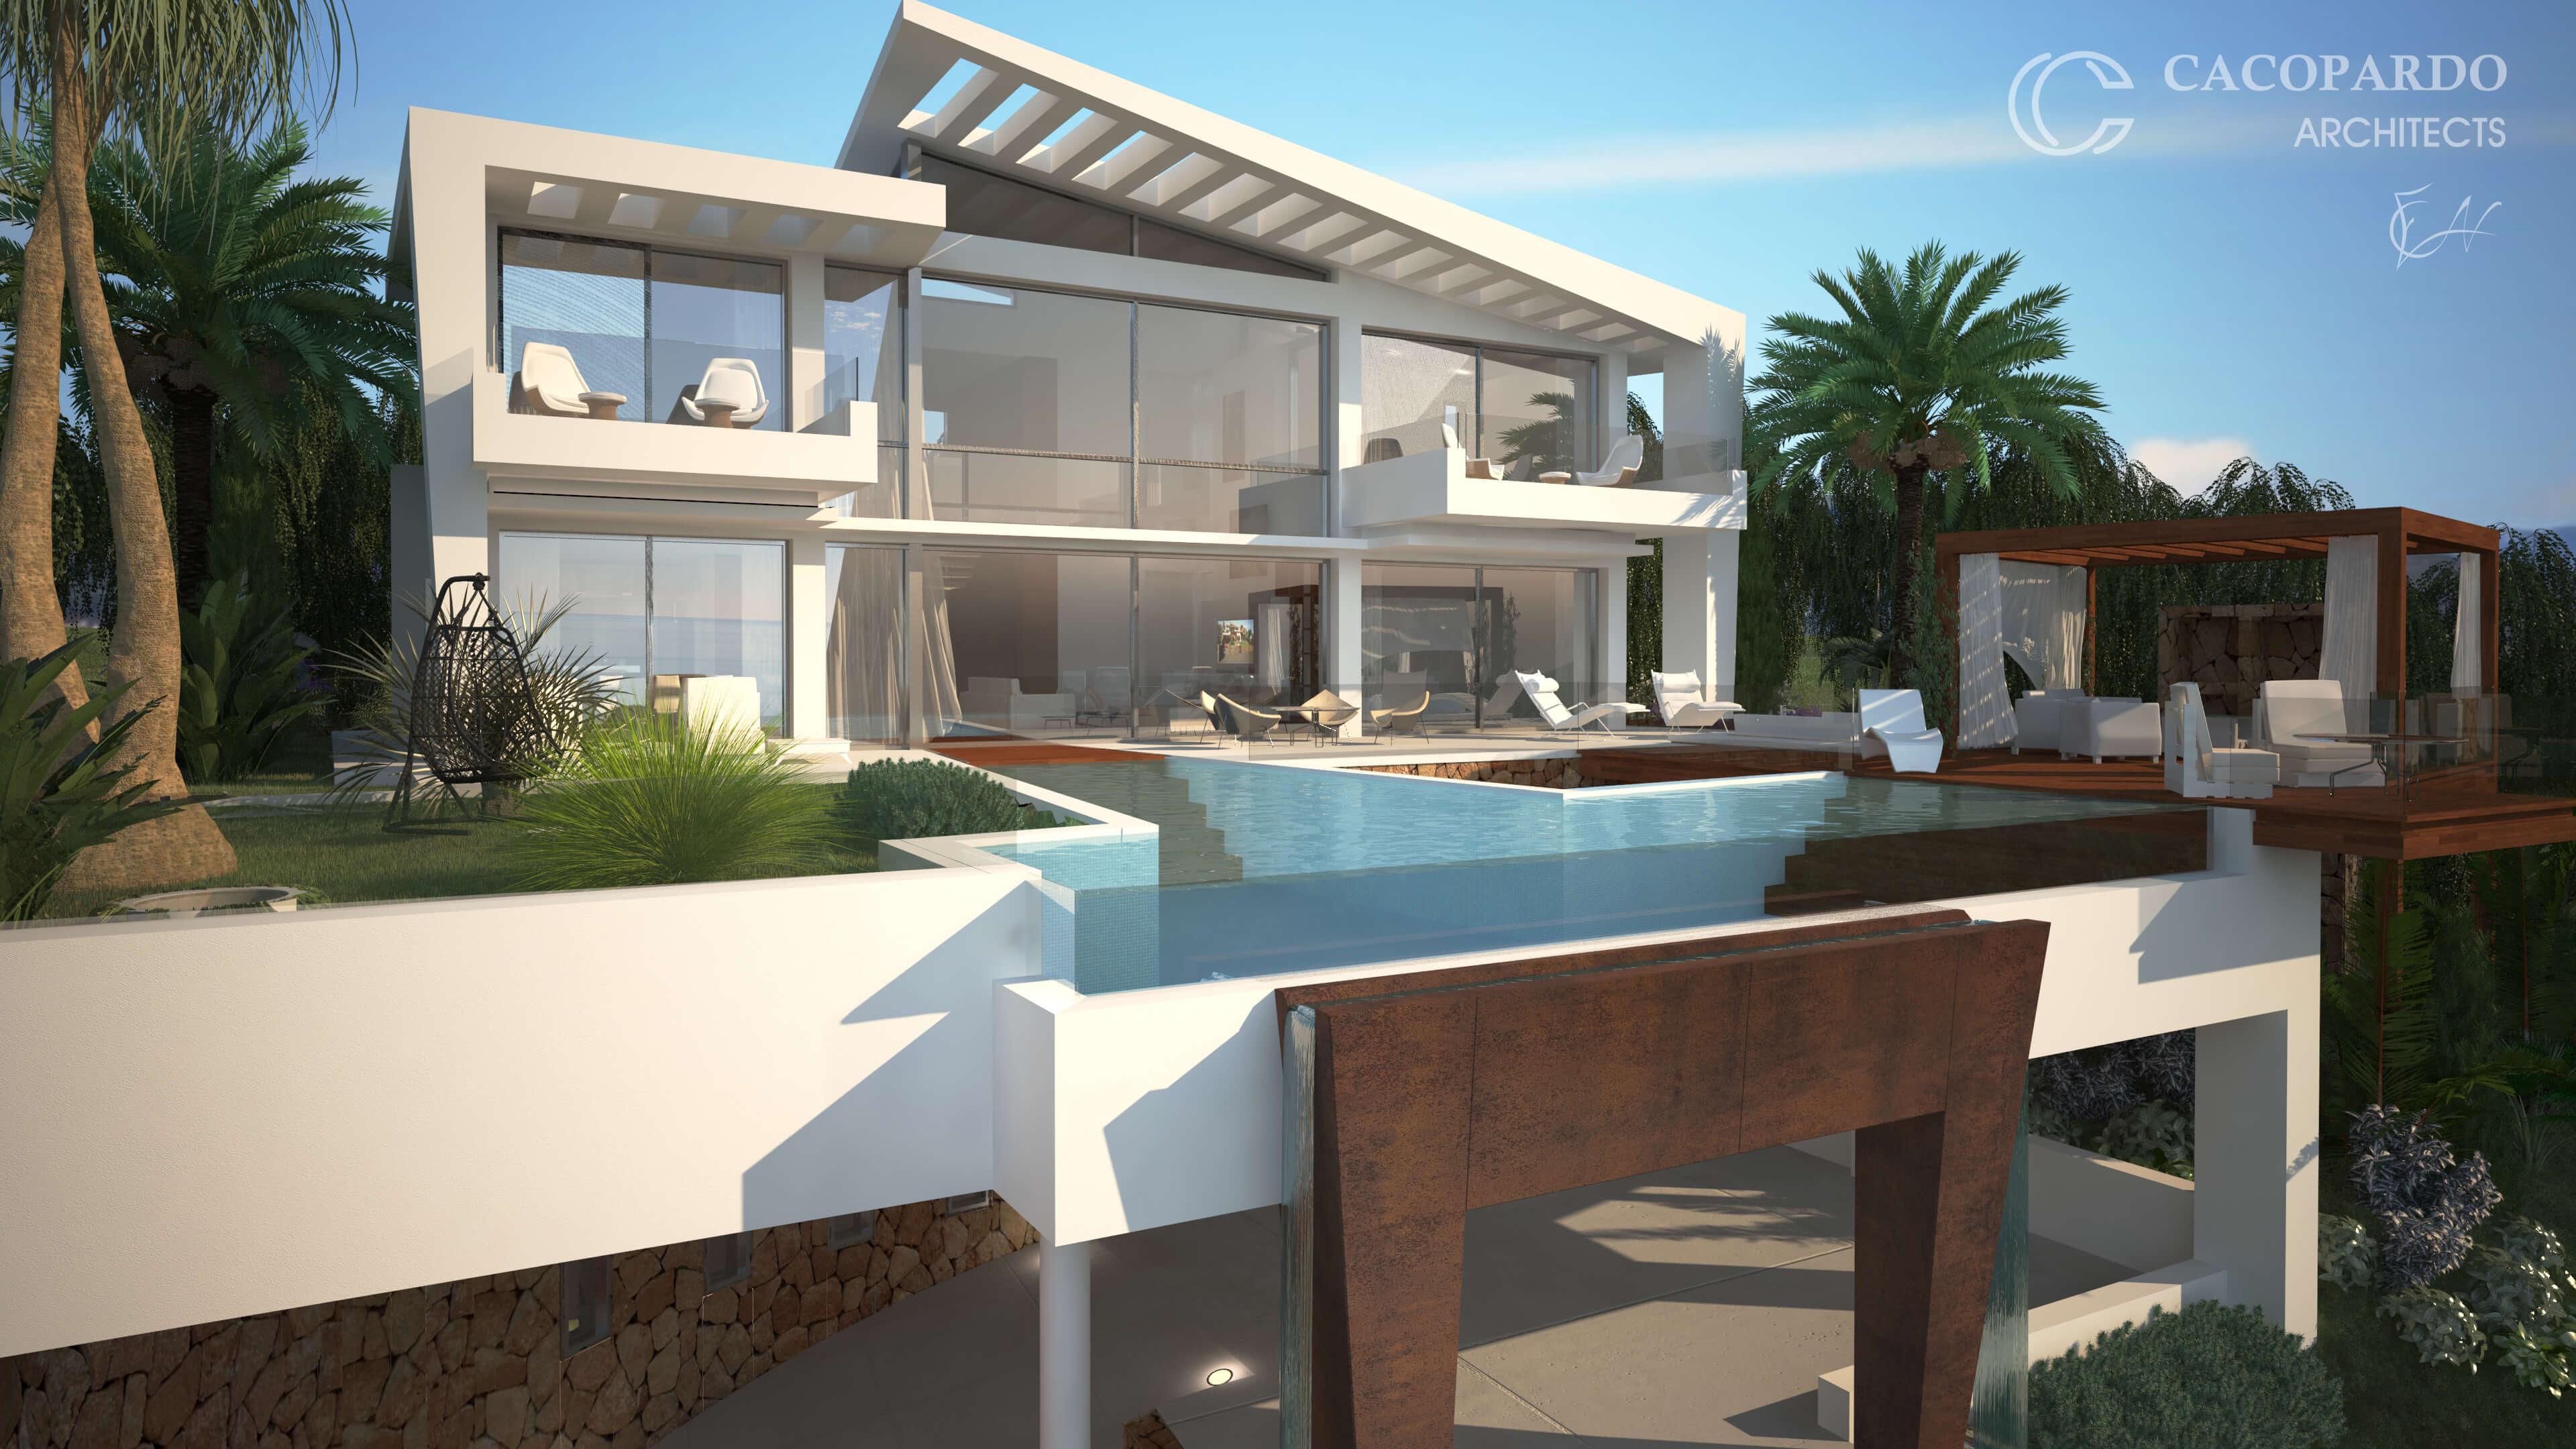 Vista de la piscina y el jardin-Infinitum House- Costa del Sol